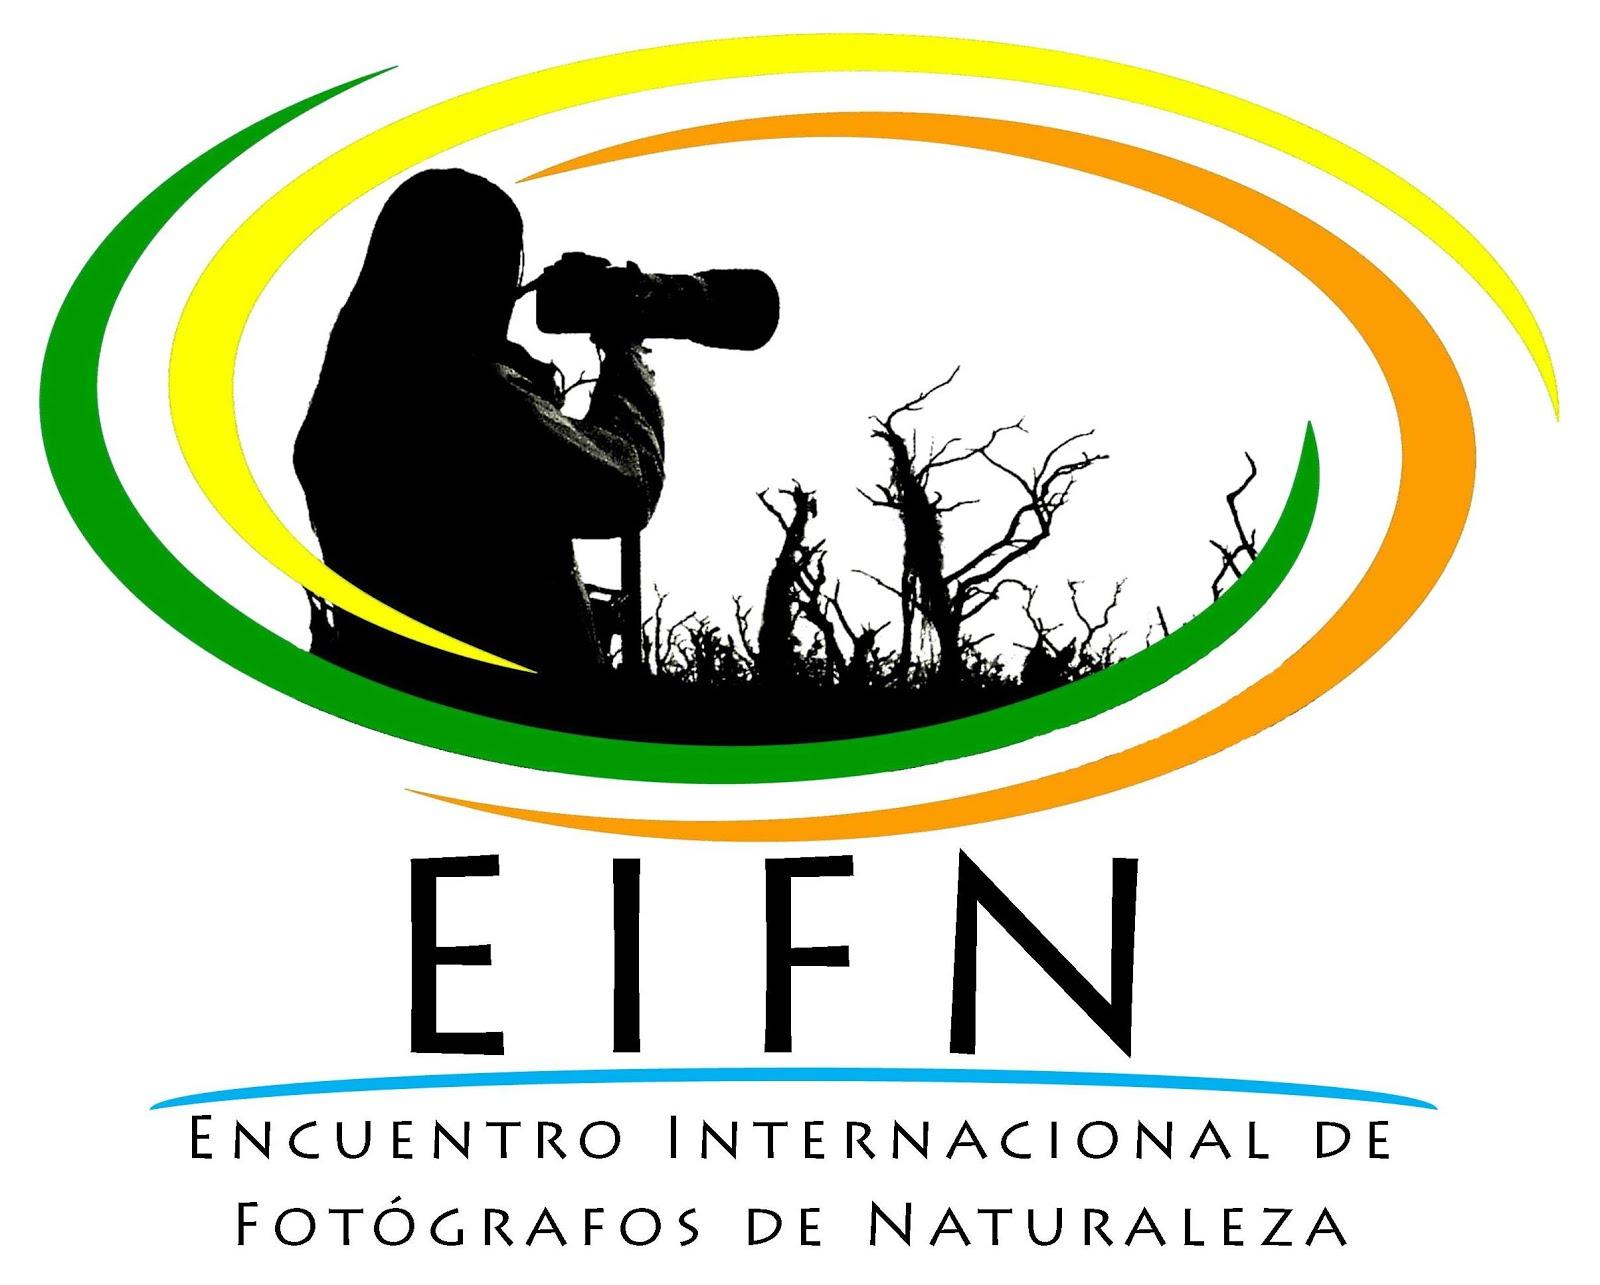 Encuentro Internacional de Fotógrafos de Naturaleza